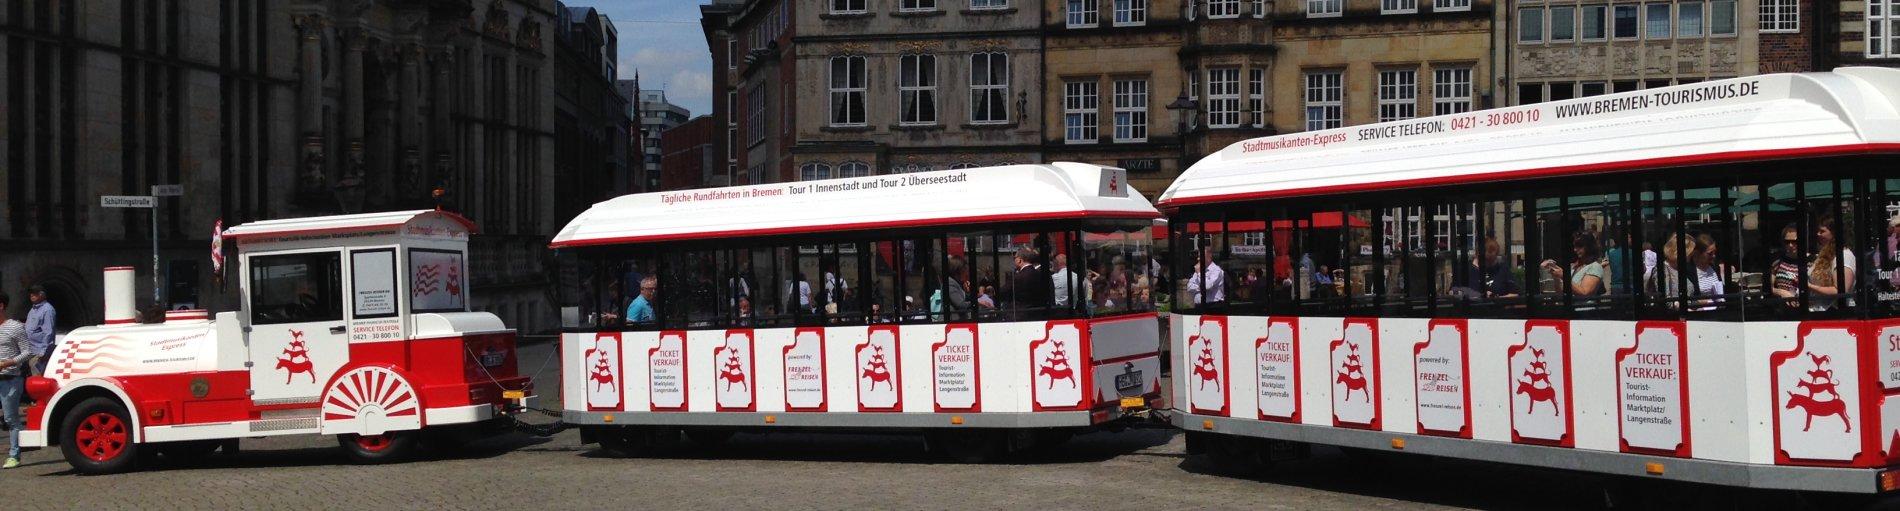 Eine weiß-rote Lokomotive, die auf dem Marktplatz steht